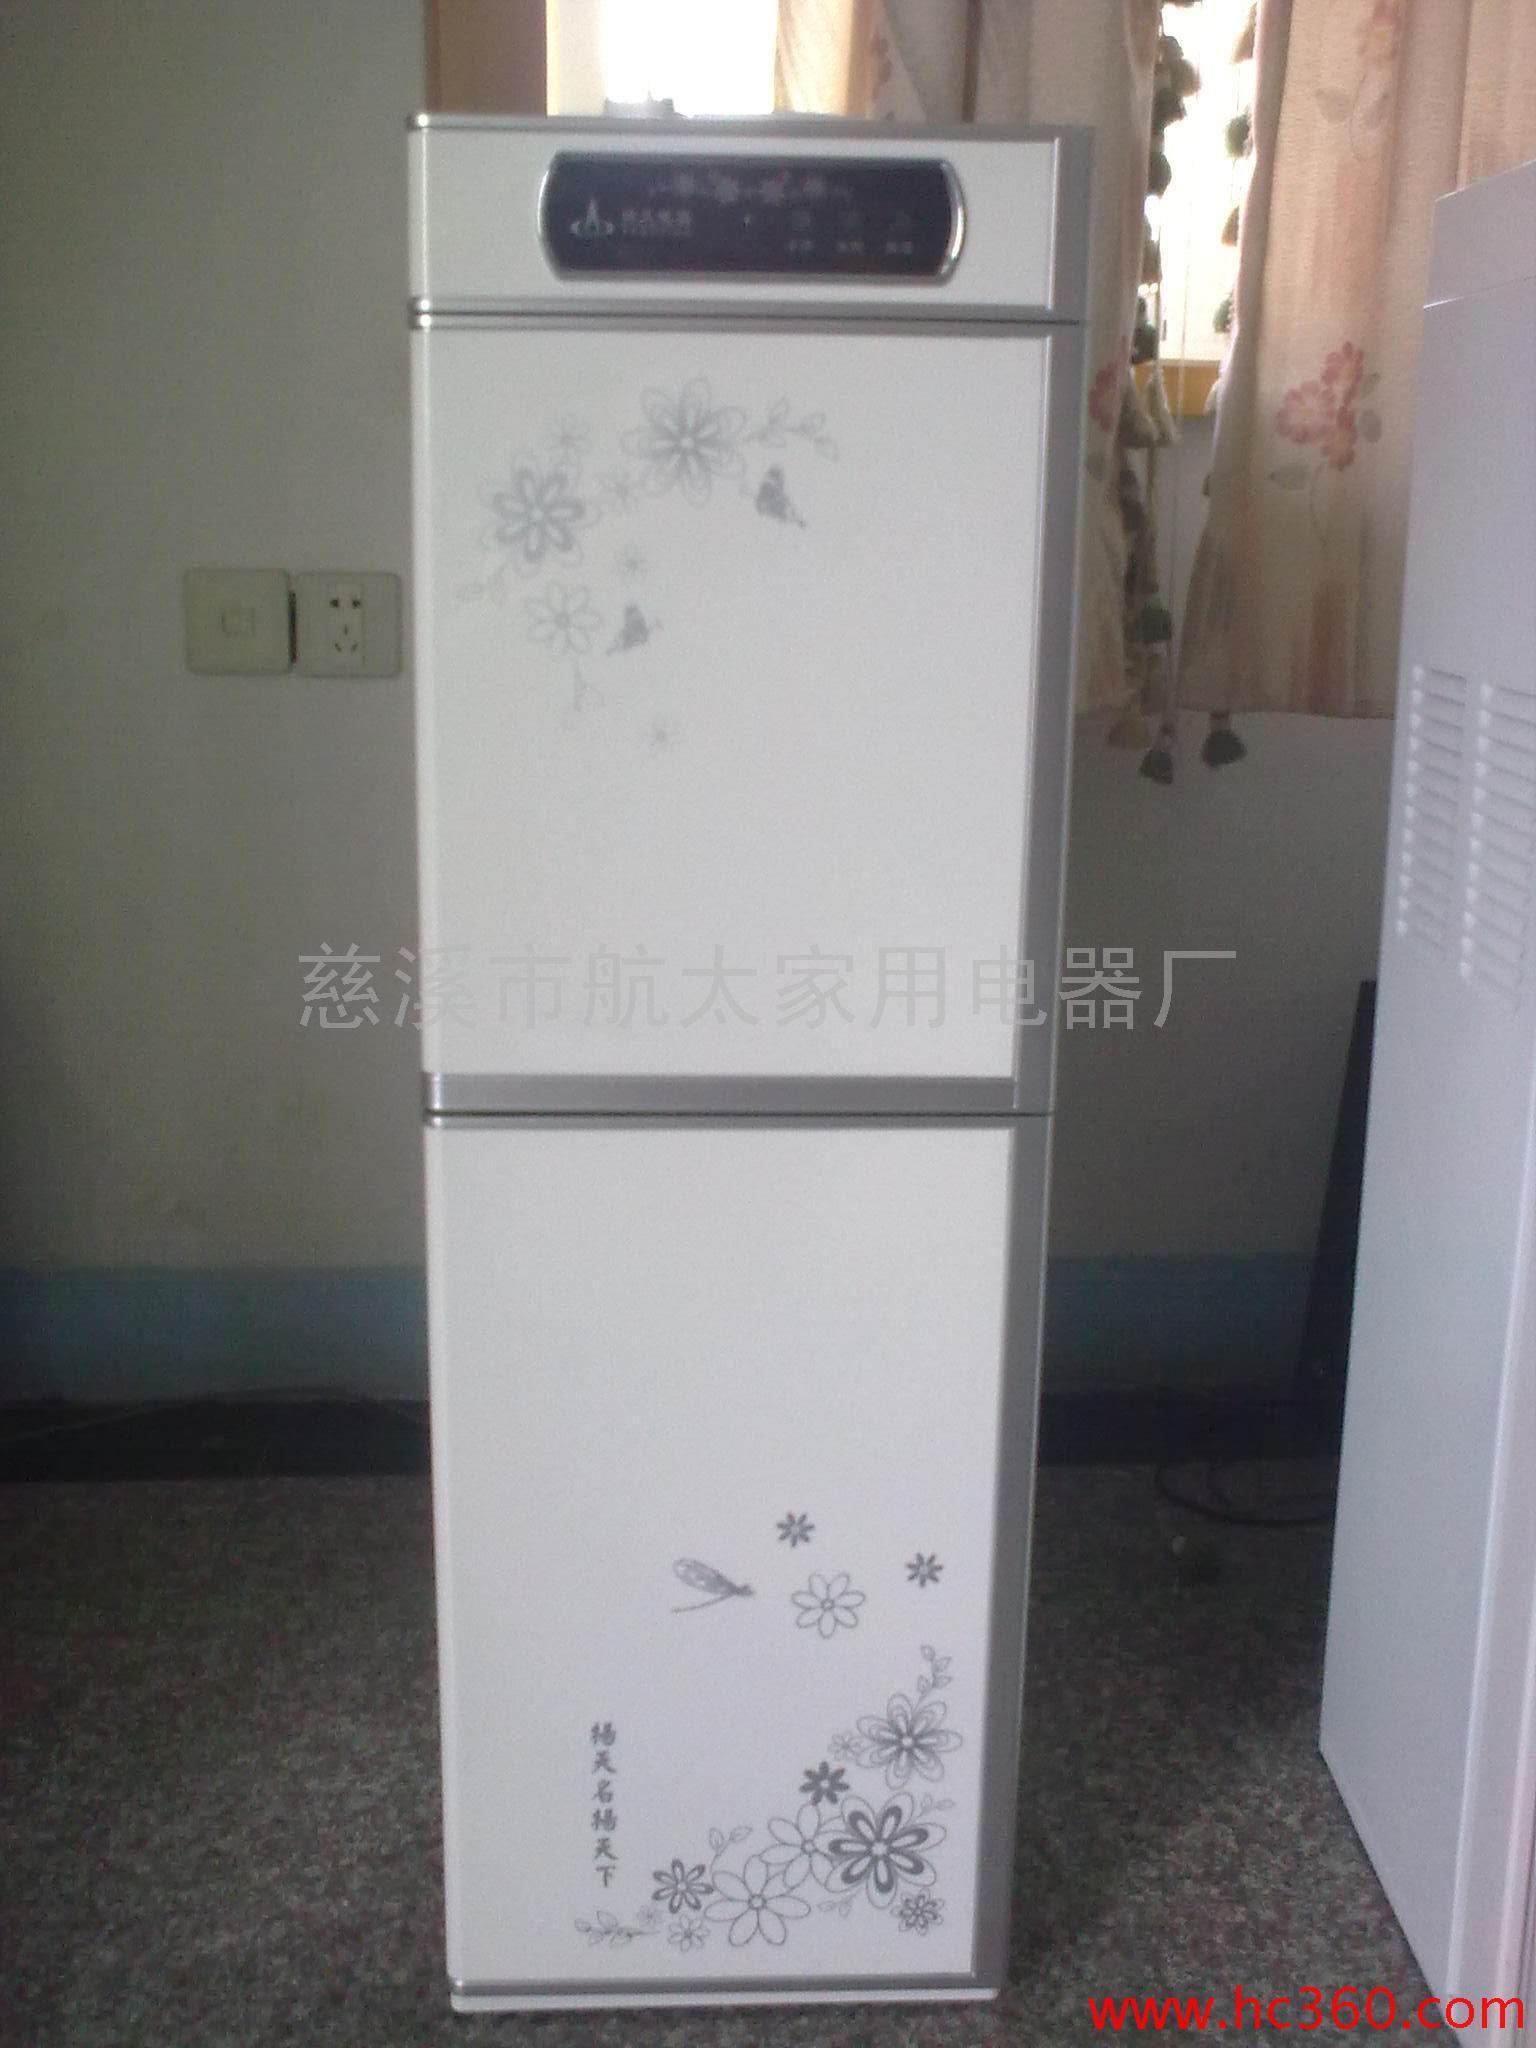 商品详情:扬天无热胆饮水机具有出水量大,出水温度高,永不漏水,款式